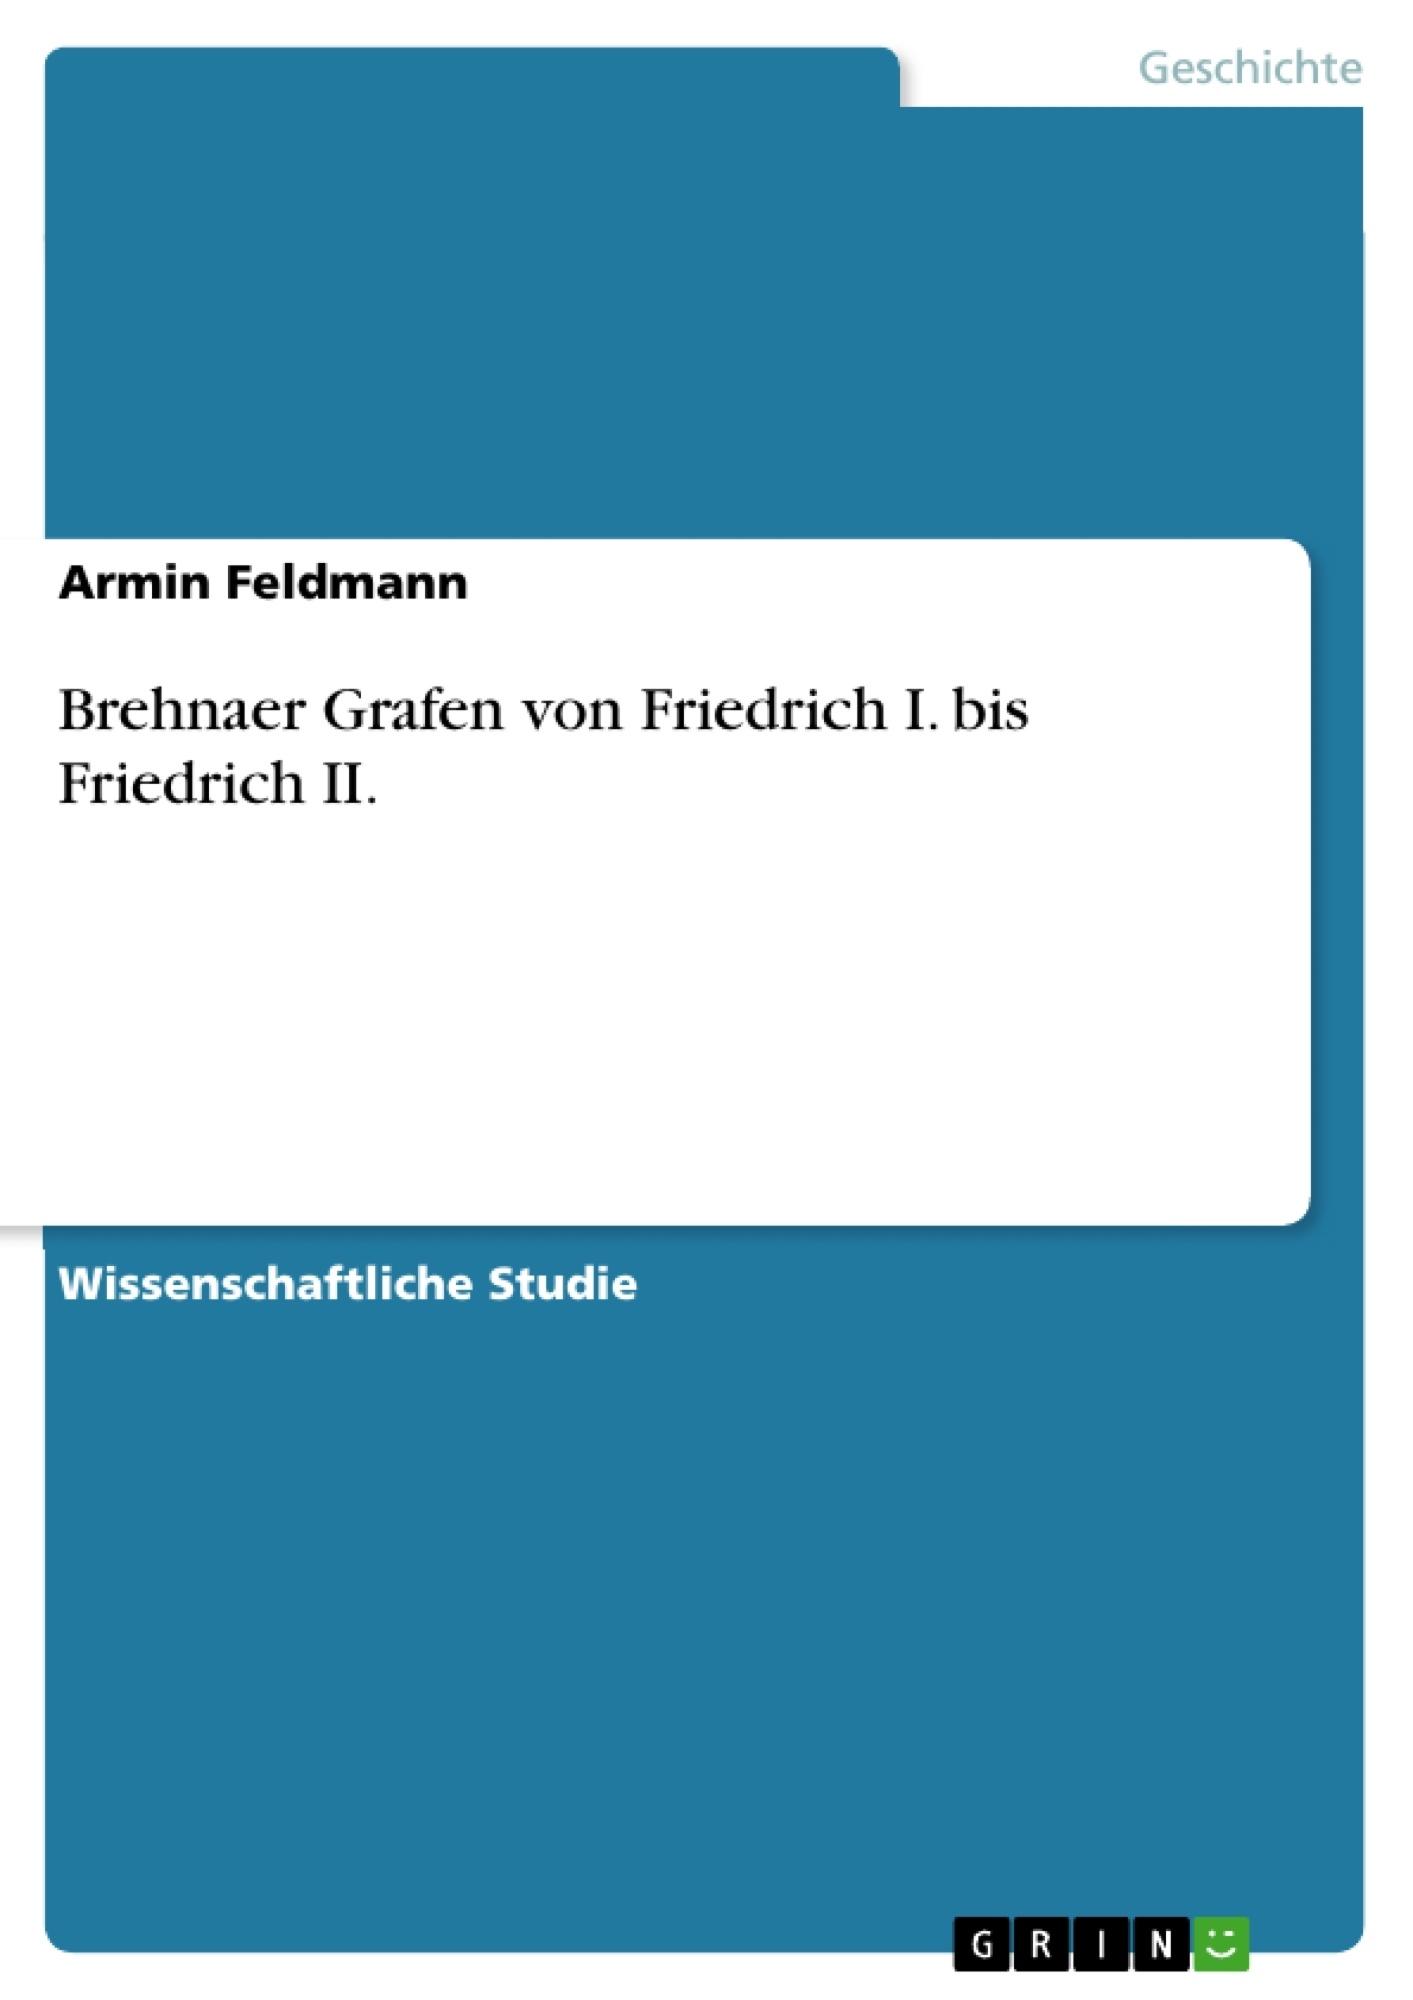 Titel: Brehnaer Grafen von Friedrich I. bis Friedrich II.